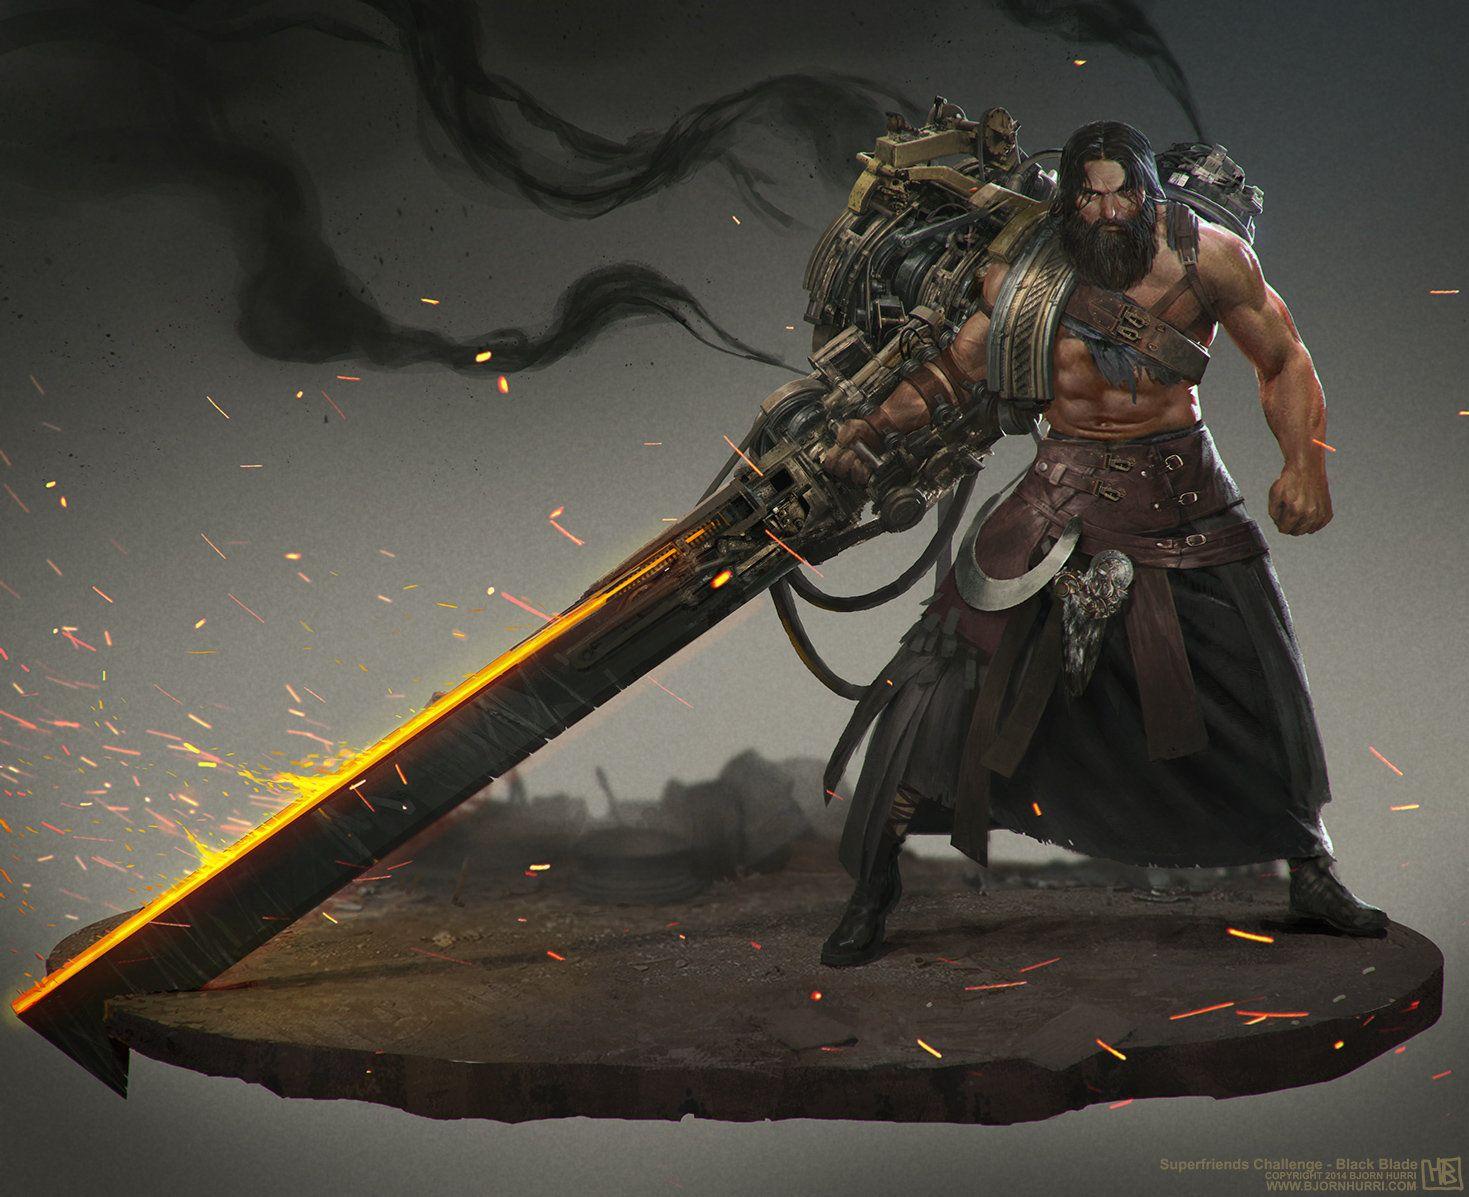 Women Warrior Artwork Sword Rain Cyberpunk Cyberpunk: Black Blade, Bjorn Hurri On